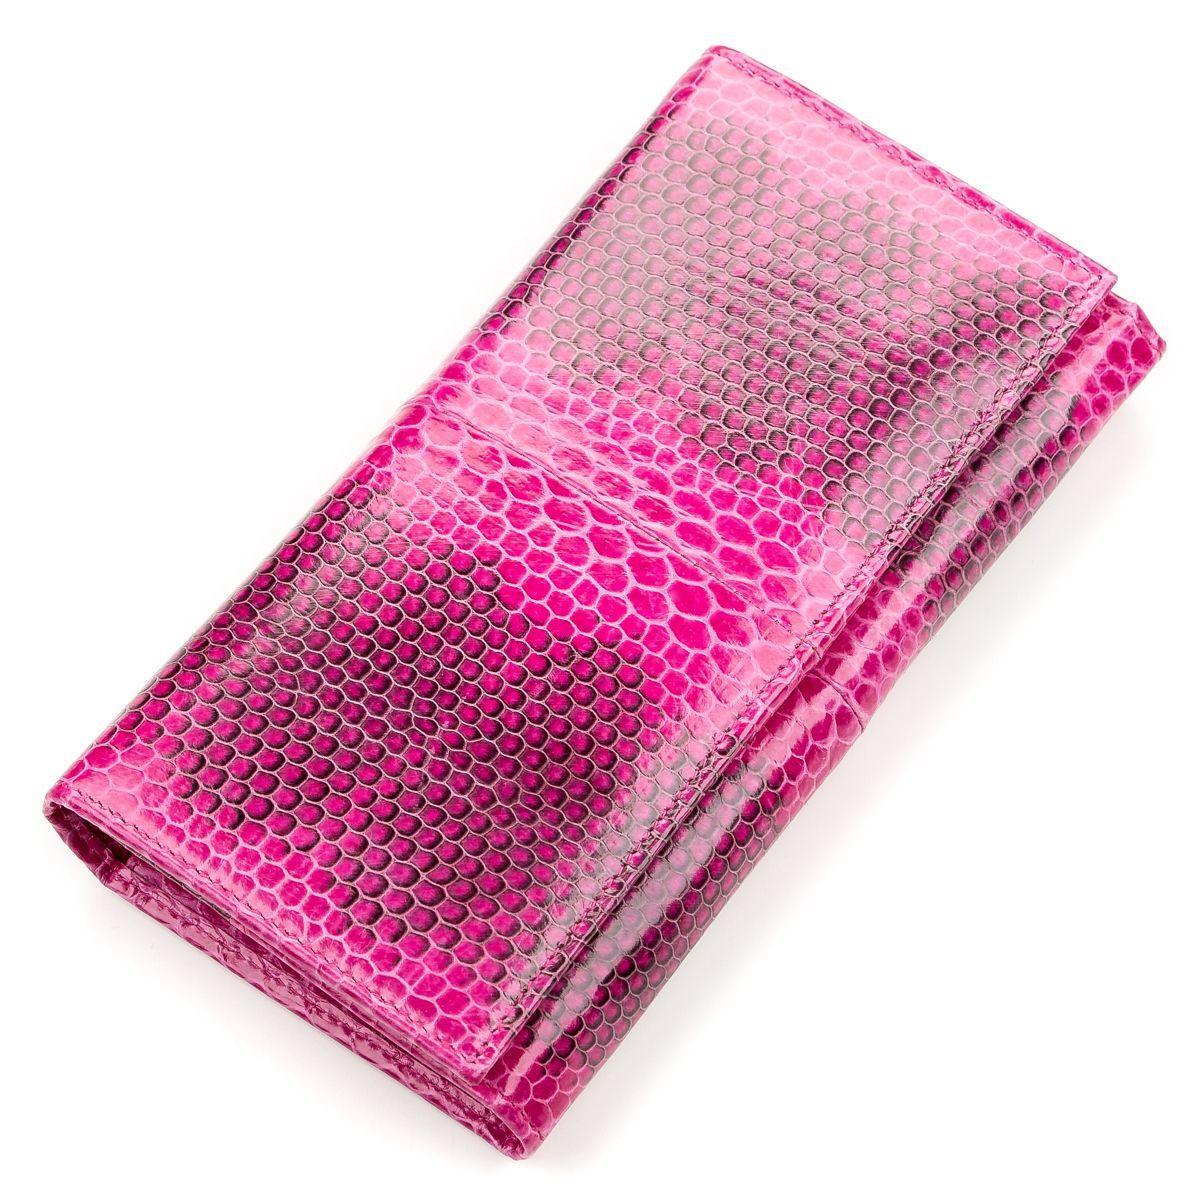 Кошелек Женский Sea Snake Leather 18154 Из Натуральной Кожи Морской Змеи Розовый, Розовый